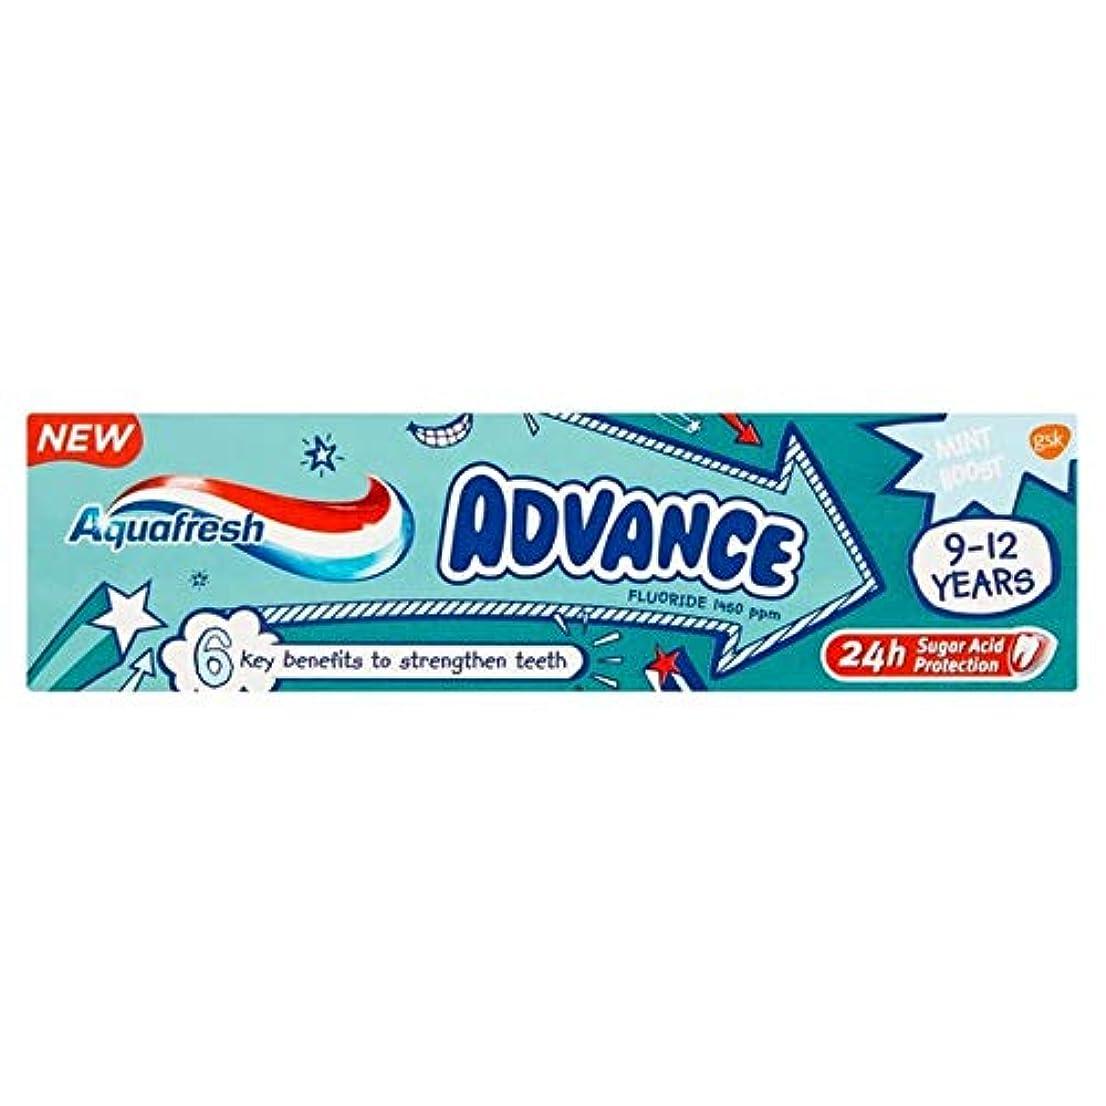 労働者スクレーパー管理する[Aquafresh ] アクアフレッシュの事前9-12年間の子供の歯磨き粉75ミリリットル - Aquafresh Advance 9-12 Years Kids Toothpaste 75ml [並行輸入品]